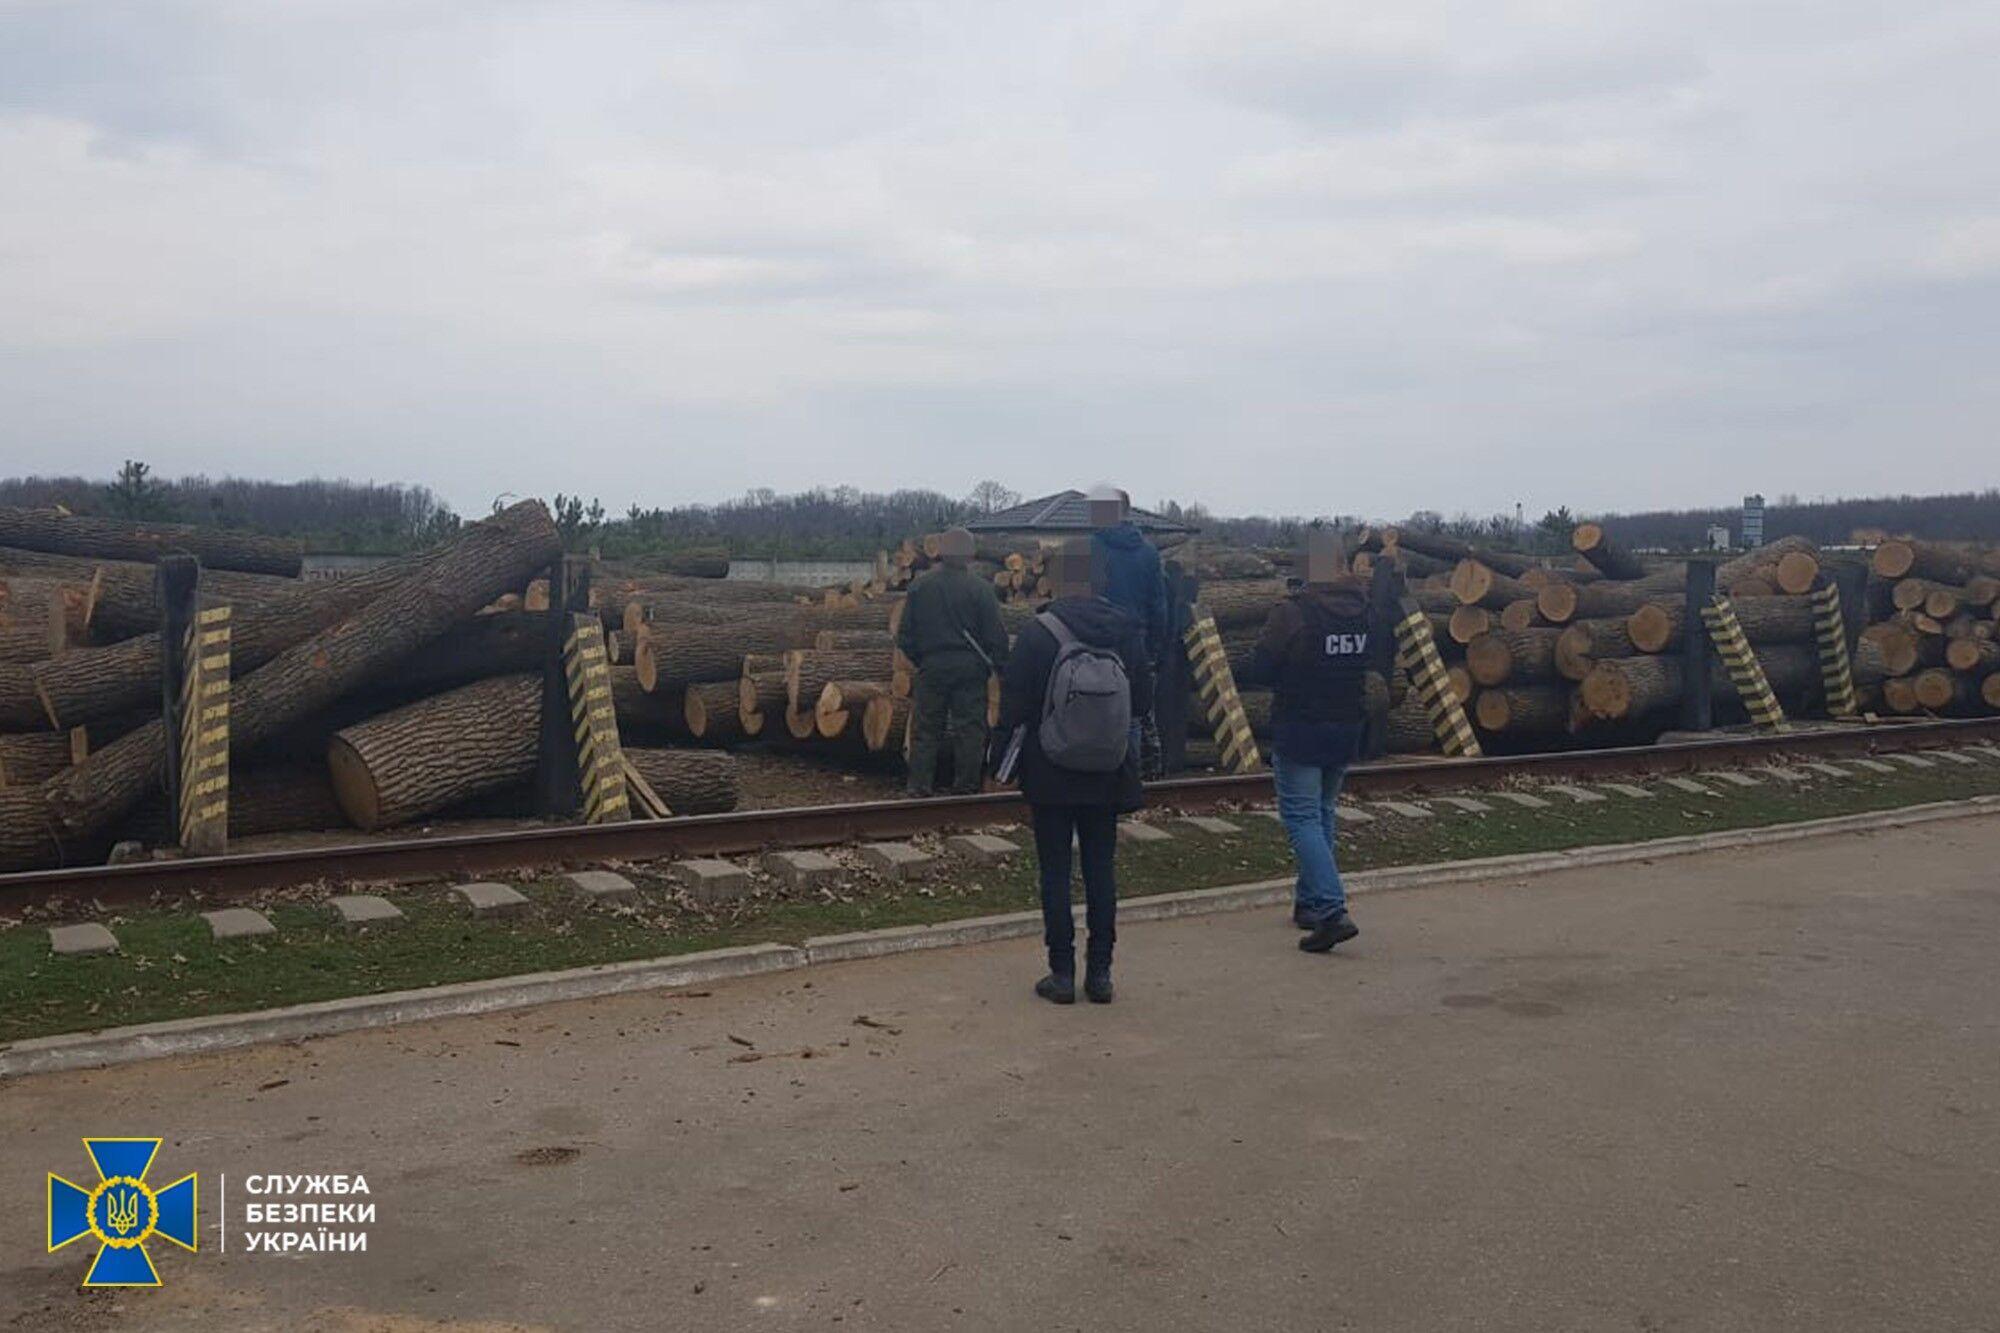 СБУ розкрила масштабні схеми незаконної вирубки лісових ресурсів